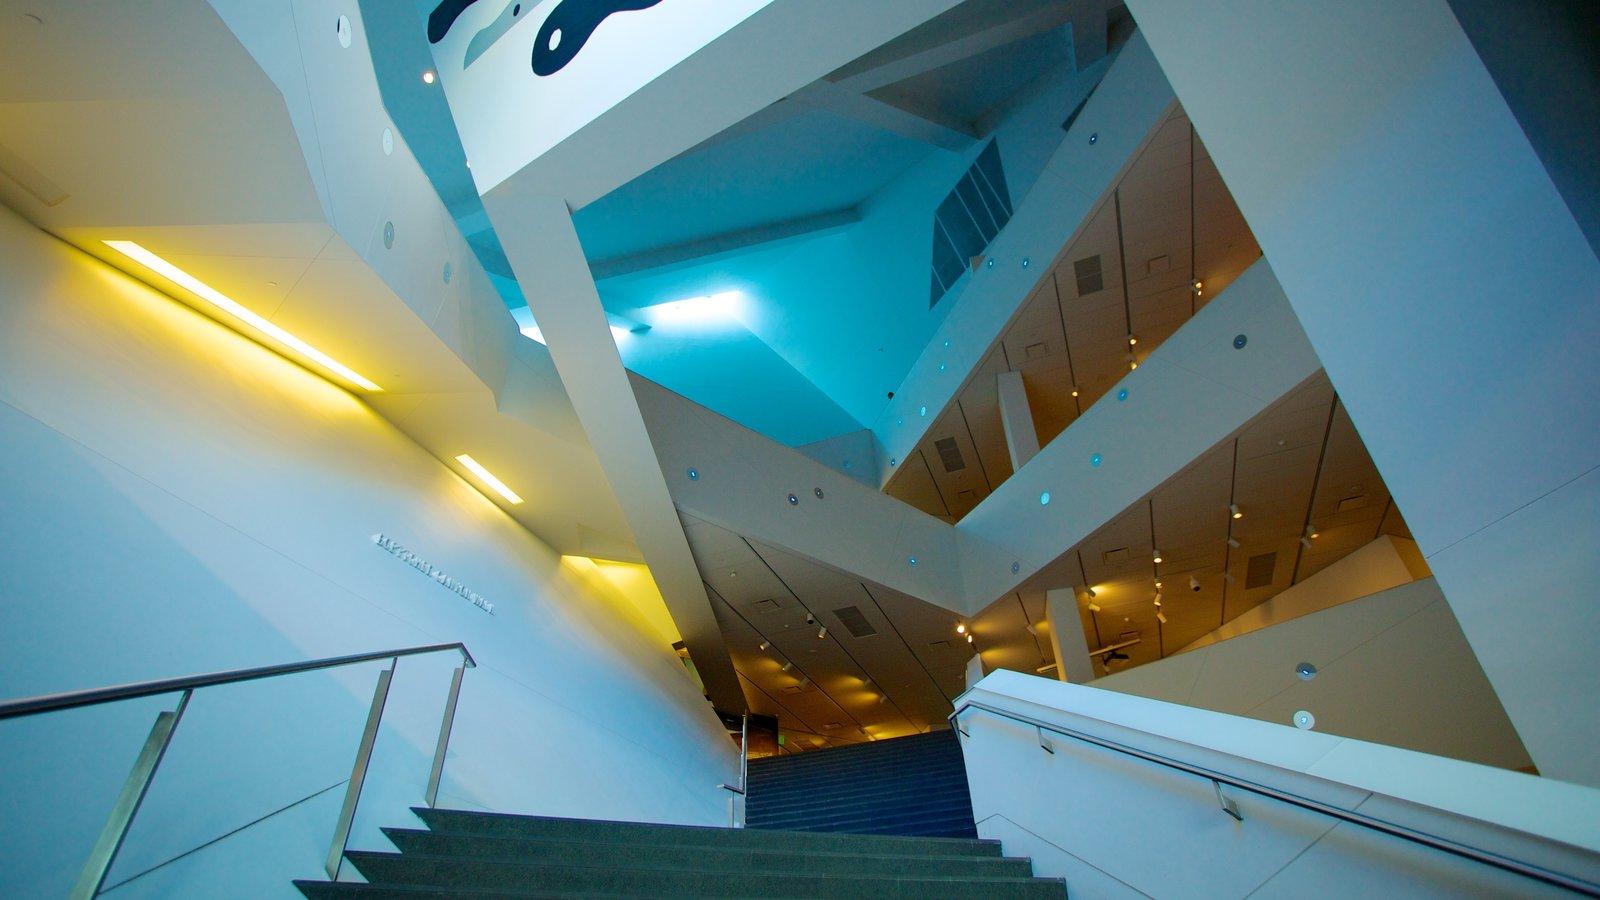 Denver Art Museum caracterizando vistas internas e arte